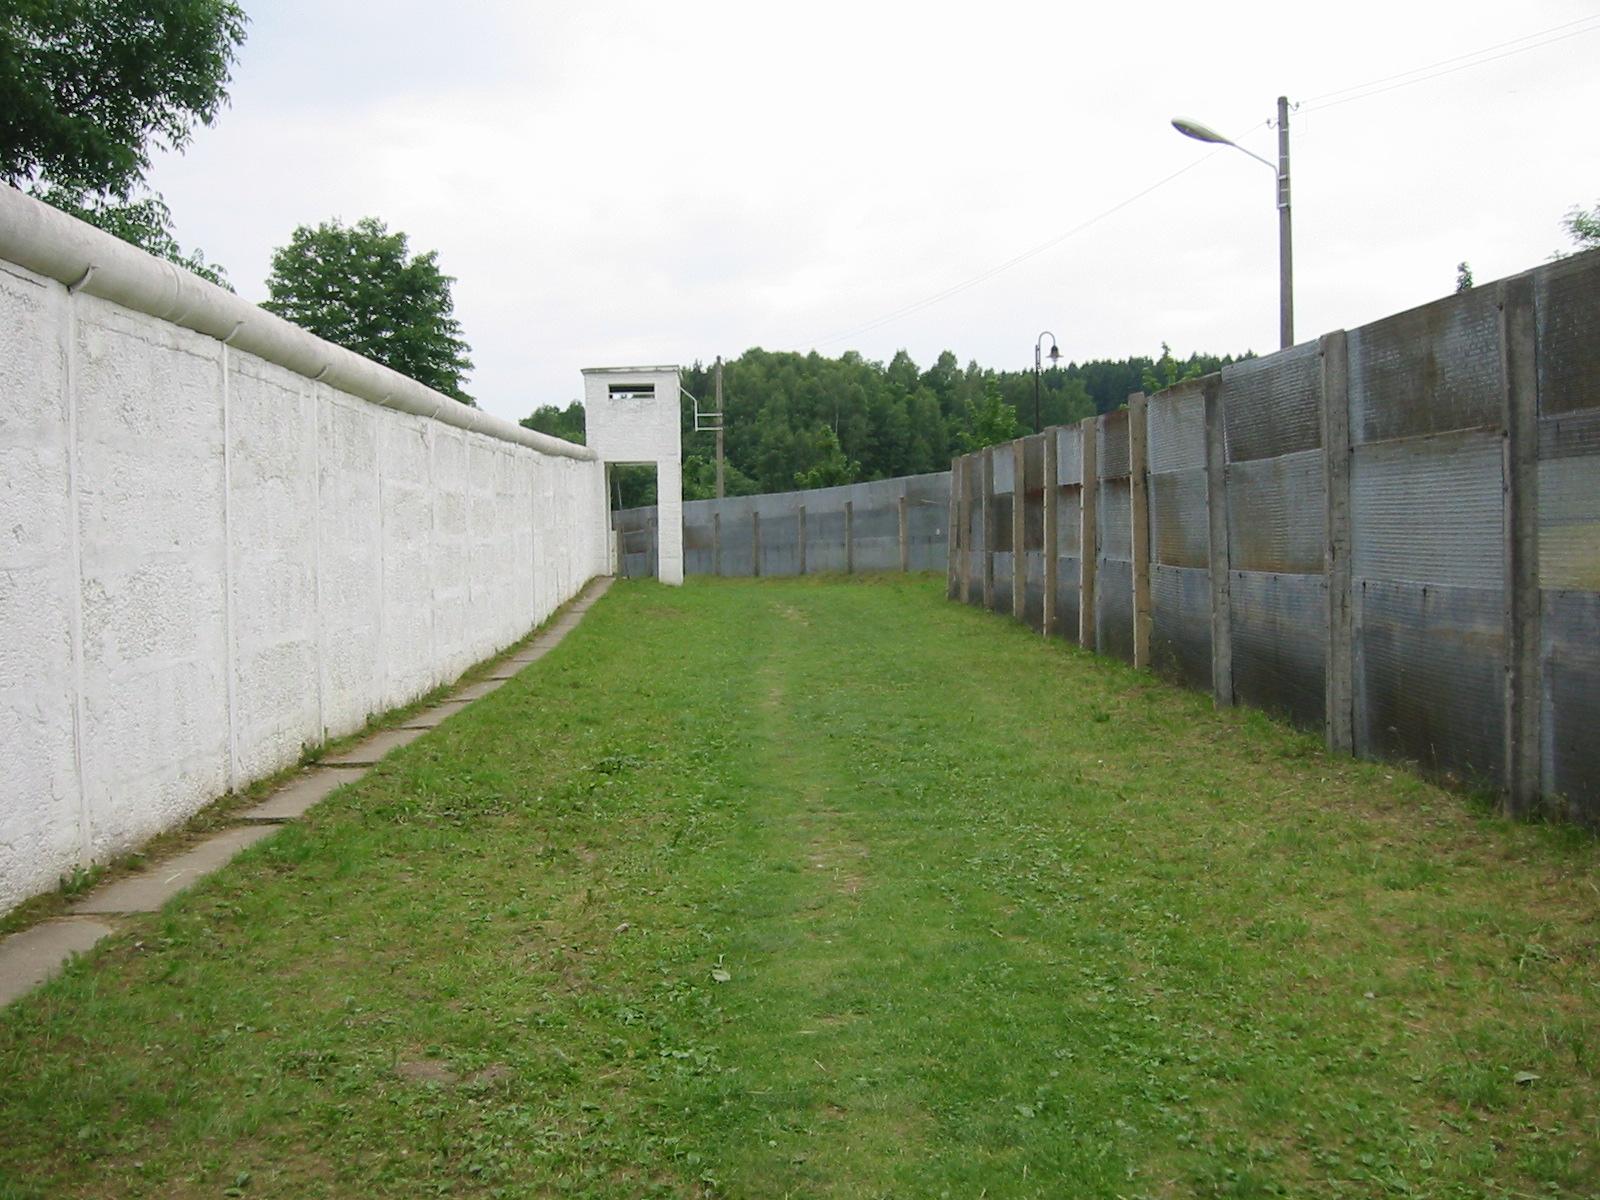 Seção preservada da cortina de ferro em Moedlareuth (Alemanha)